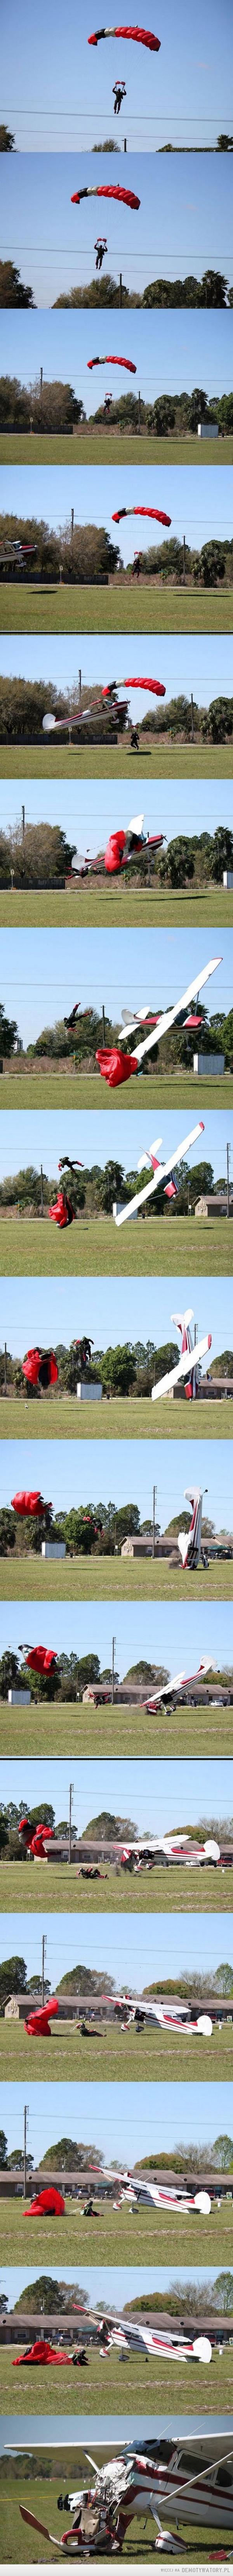 Zderzenie spadochroniarza oraz samolotu... nieoczekiwanie wszyscy przeżyli –